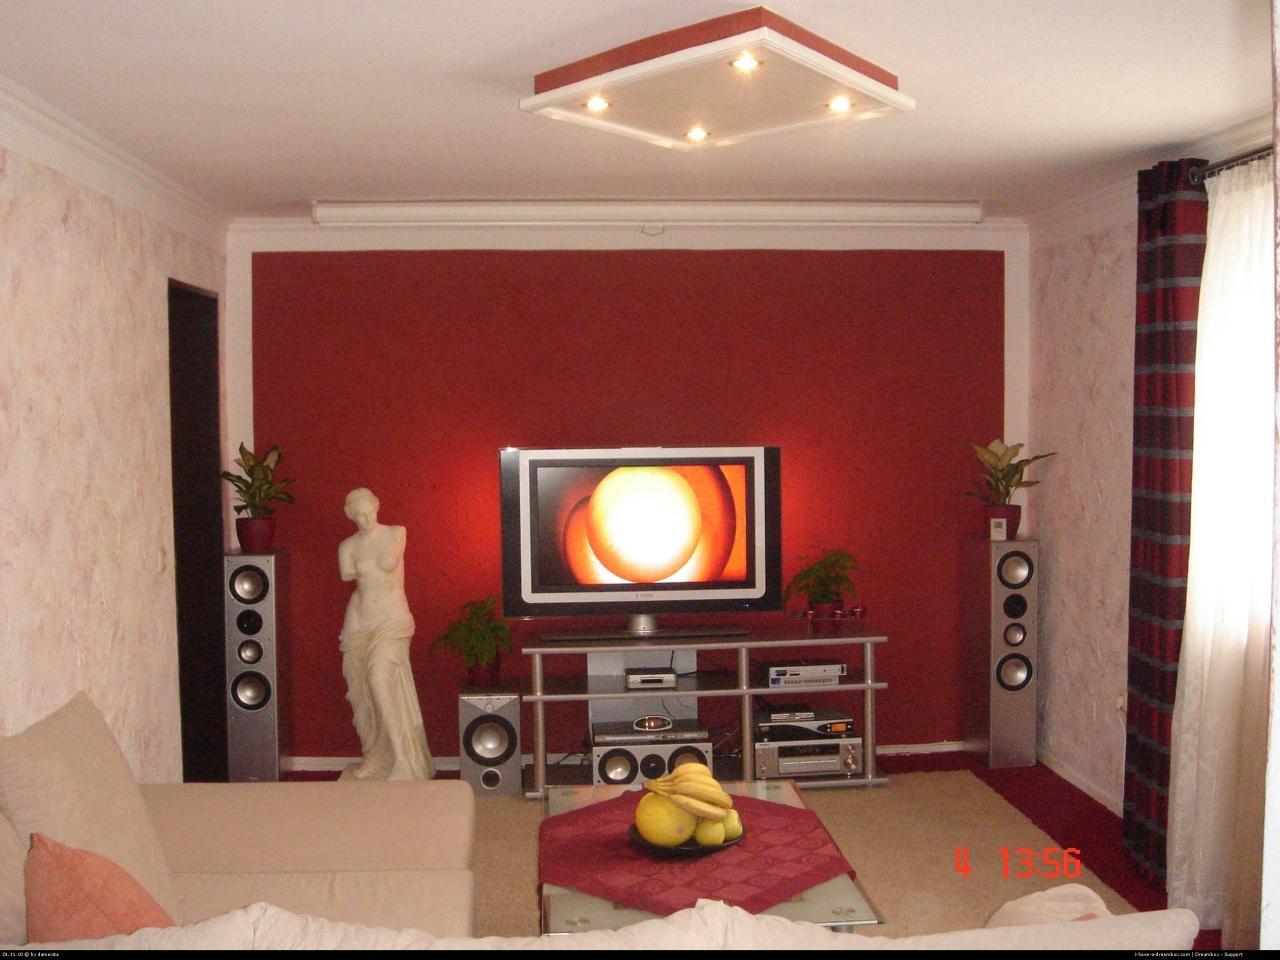 Mein TV Platz (Alt)